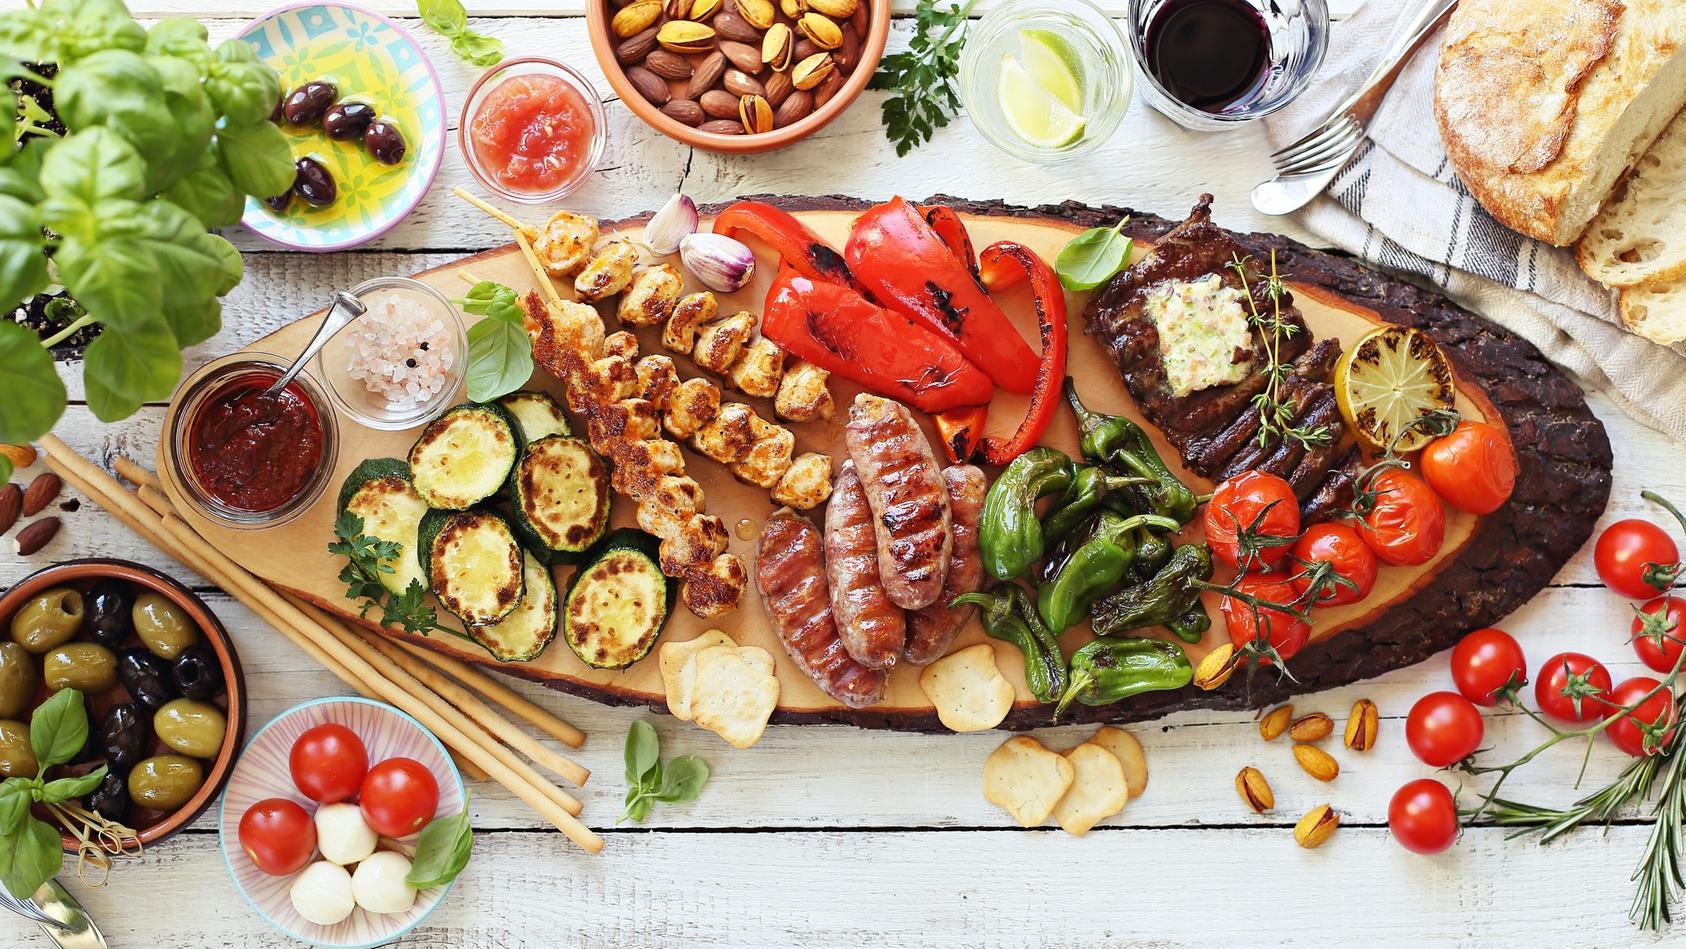 Mittelmeer-Diät verhindert Überfressen.